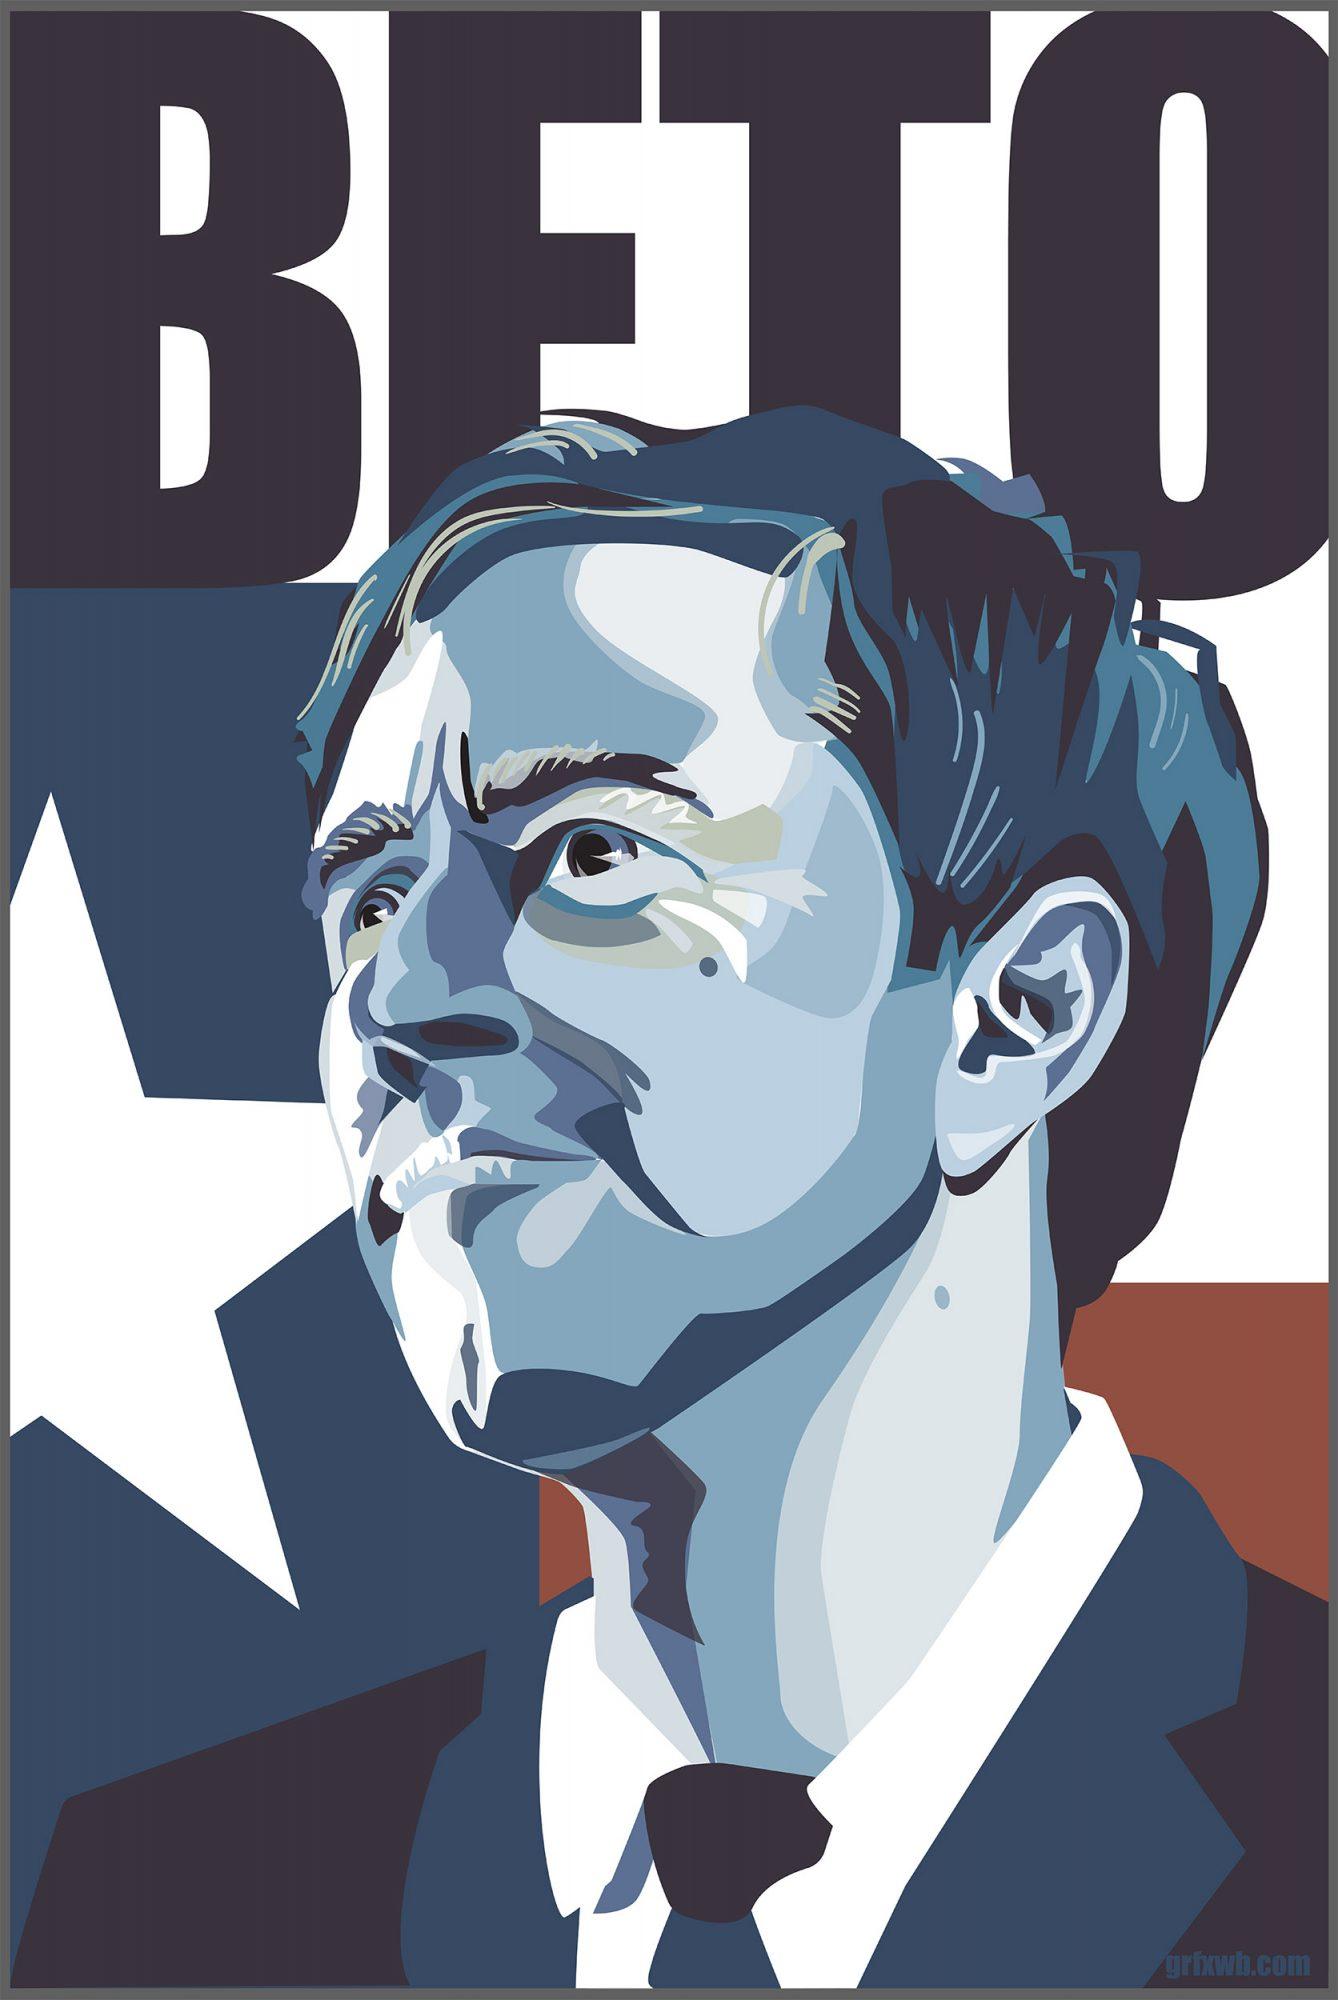 Beto 4 Texas